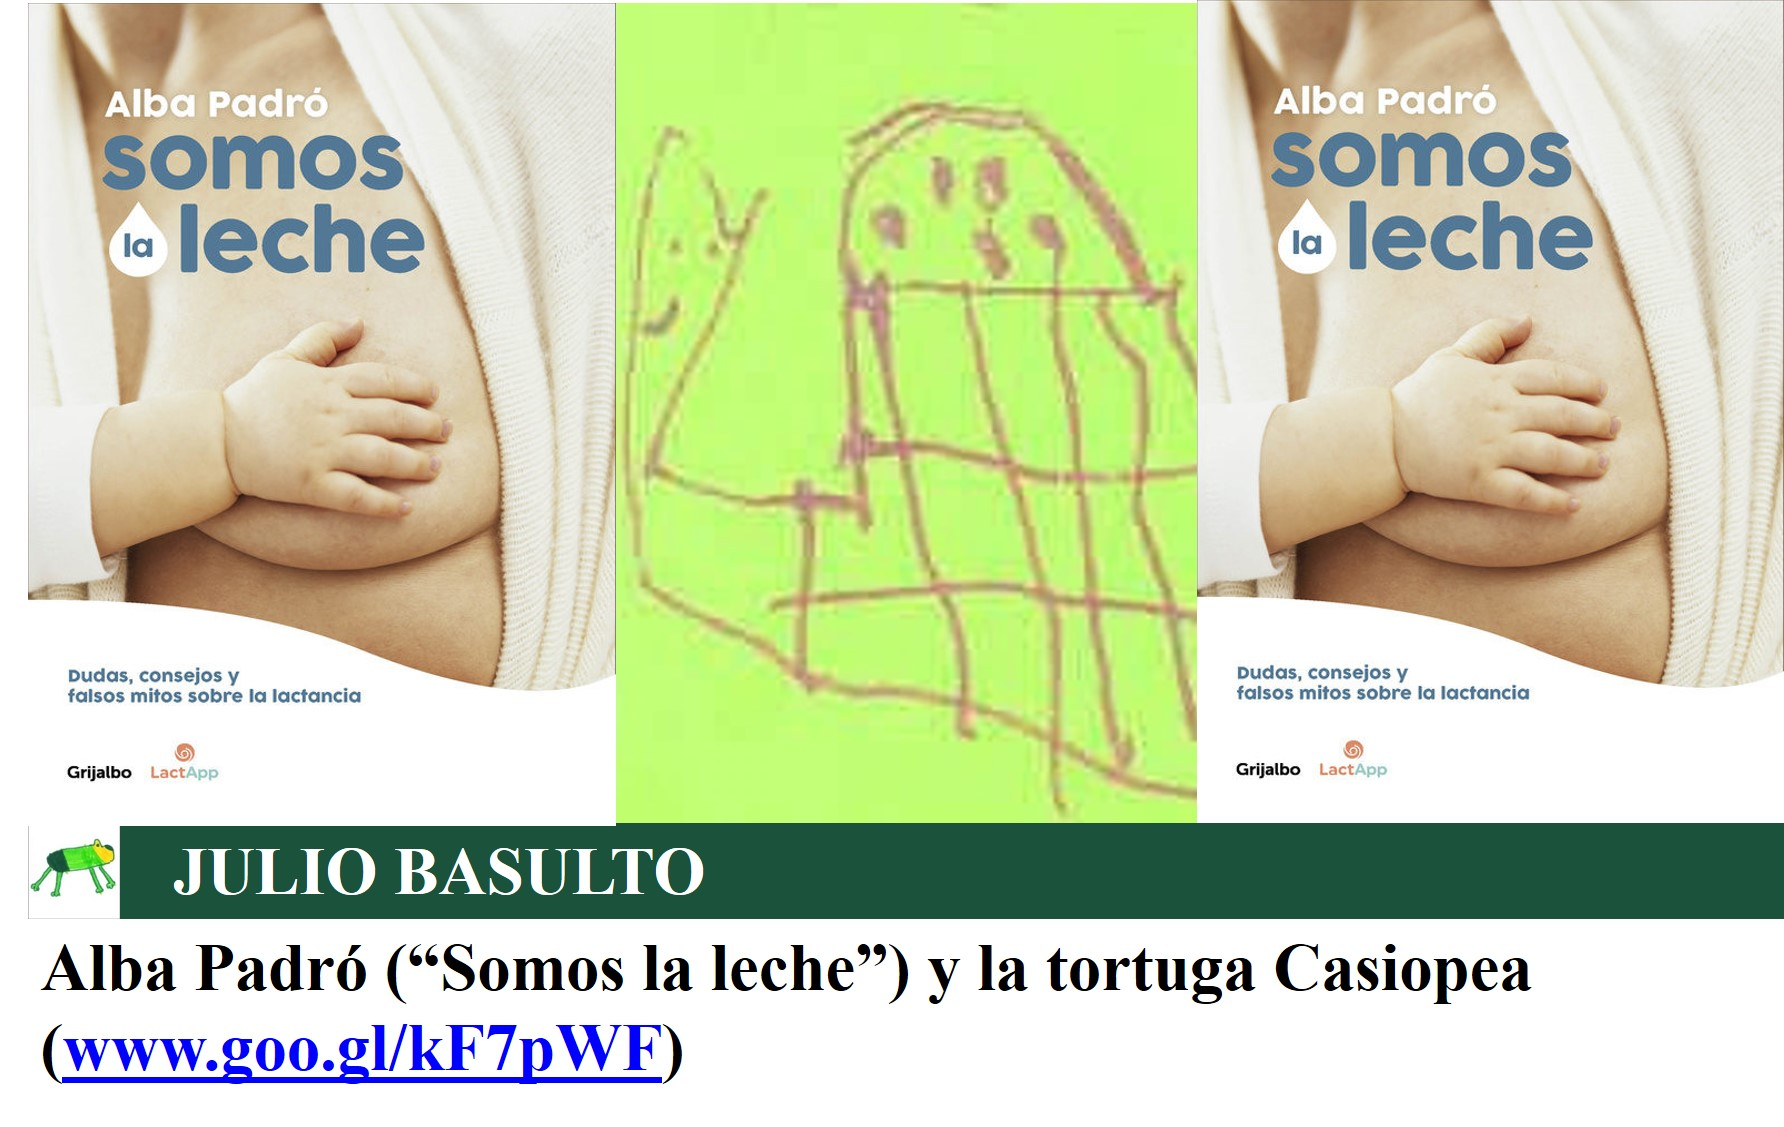 """Alba Padró (""""Somos la leche"""") y la tortuga Casiopea"""